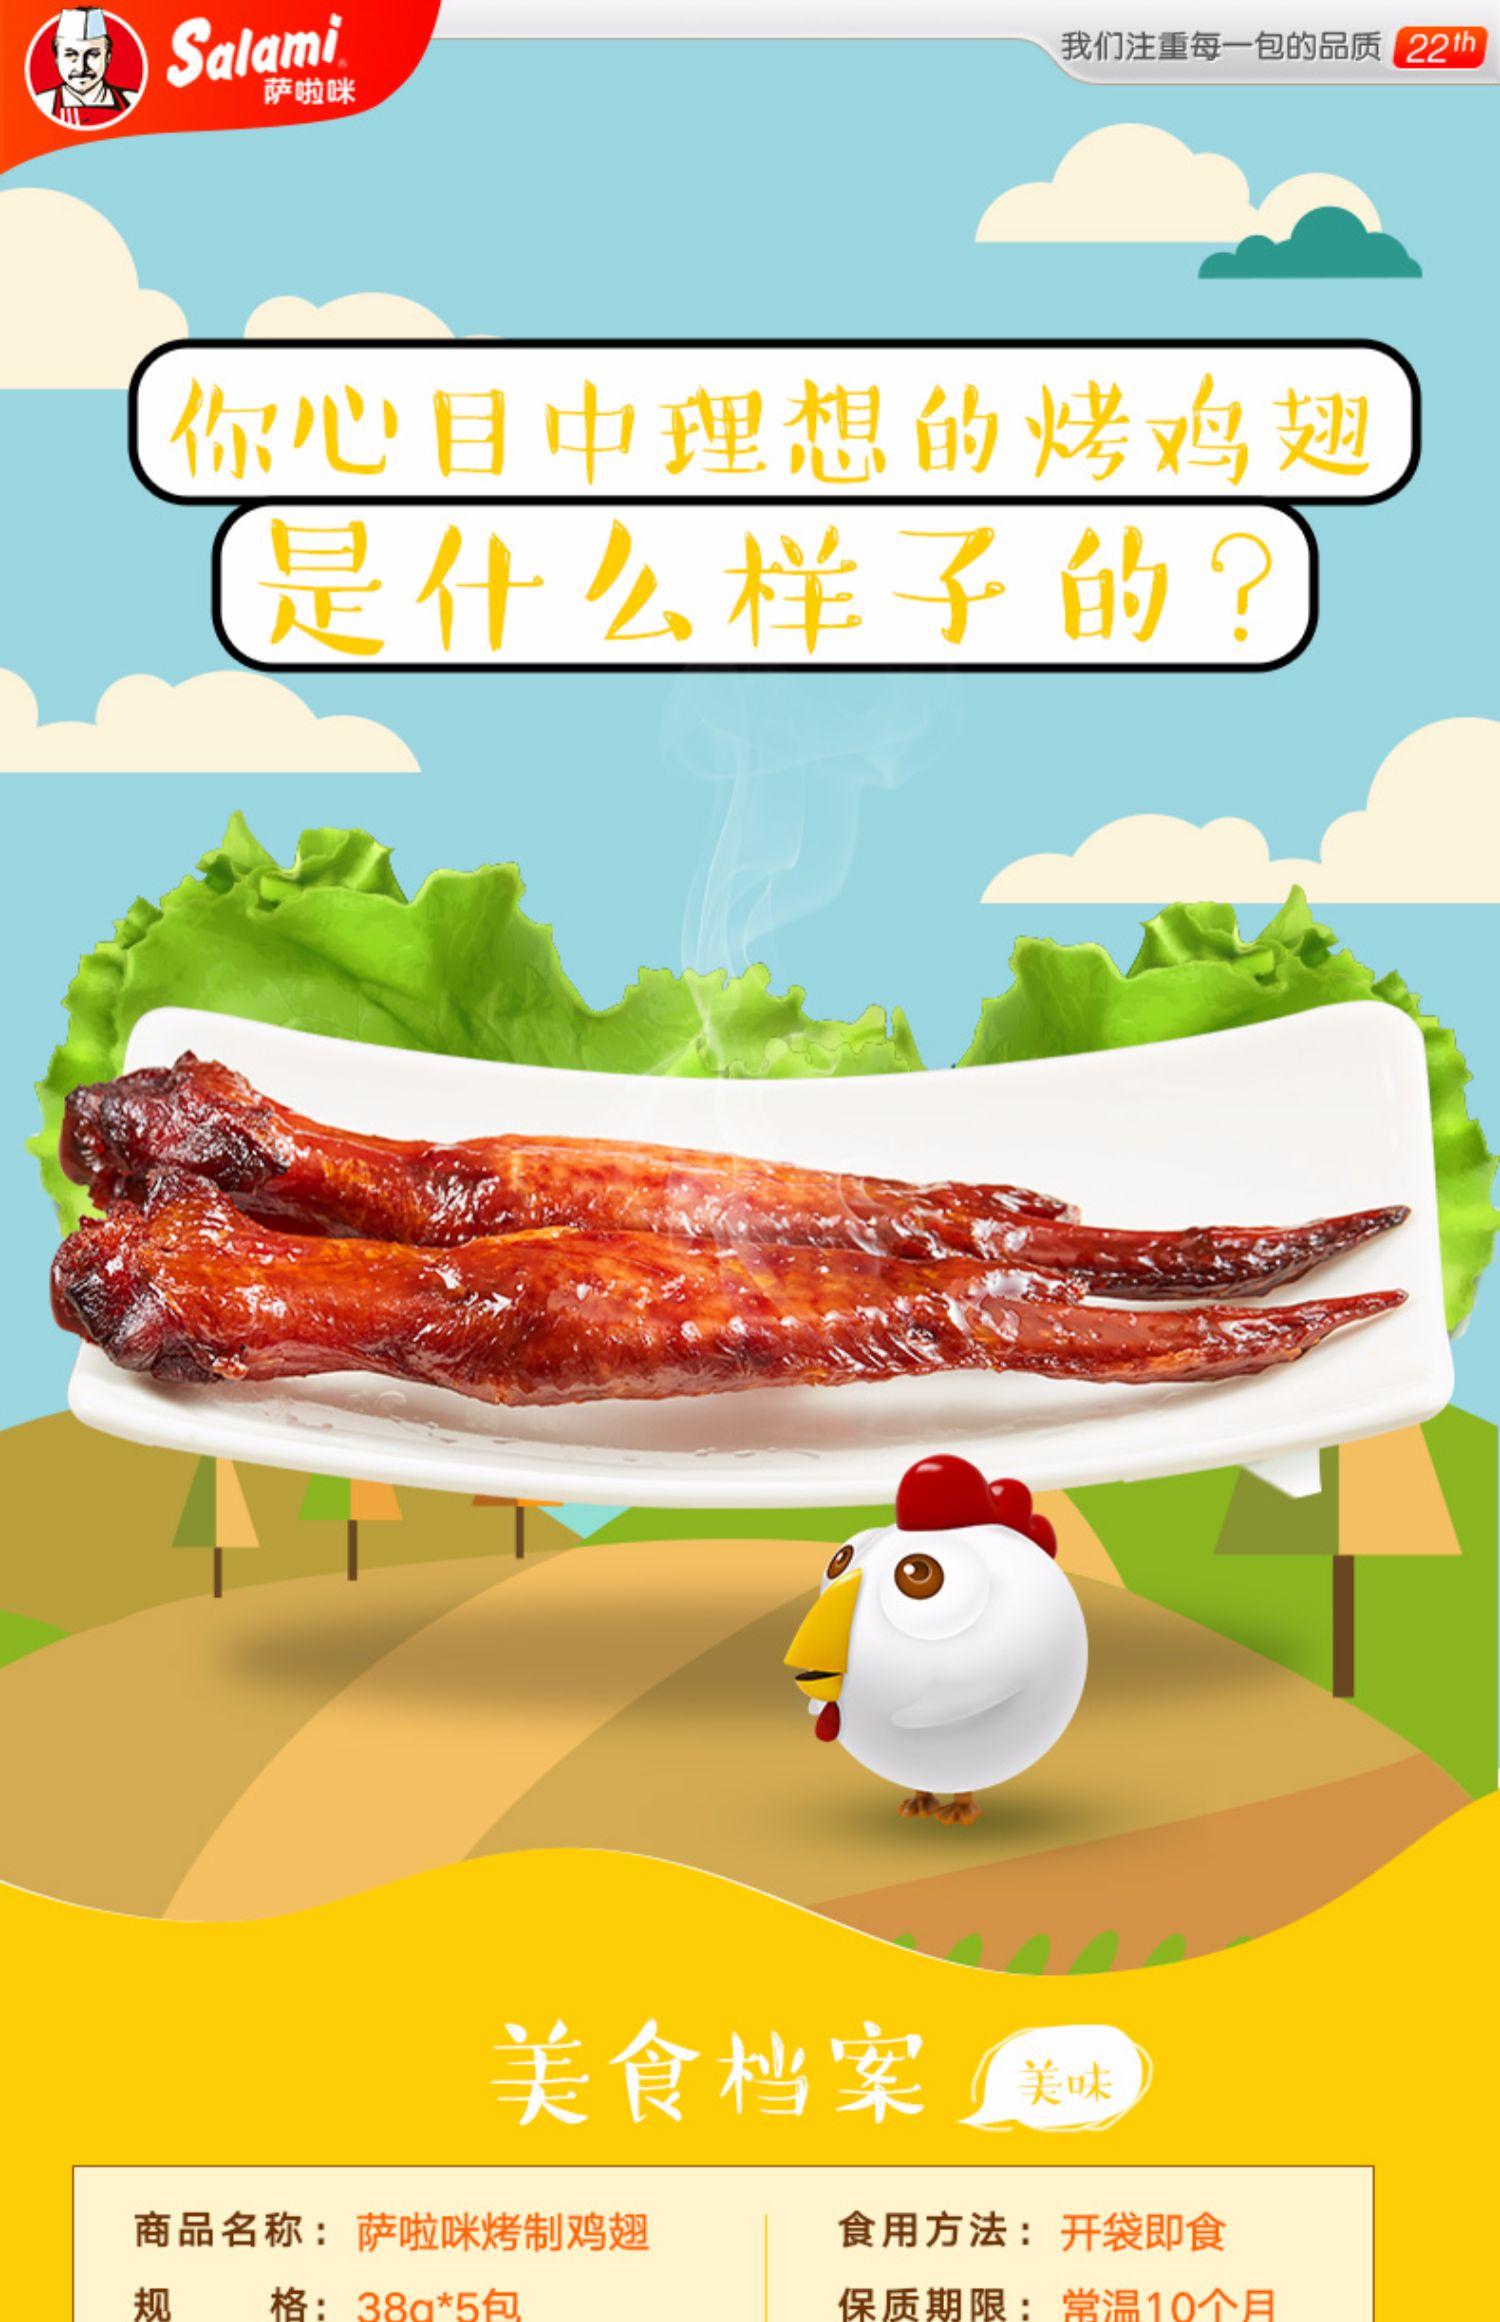 萨啦咪 烤制鸡翅温州特产烤肉烤鸡翅零食德佬原味香辣鸡翅5包190g商品详情图